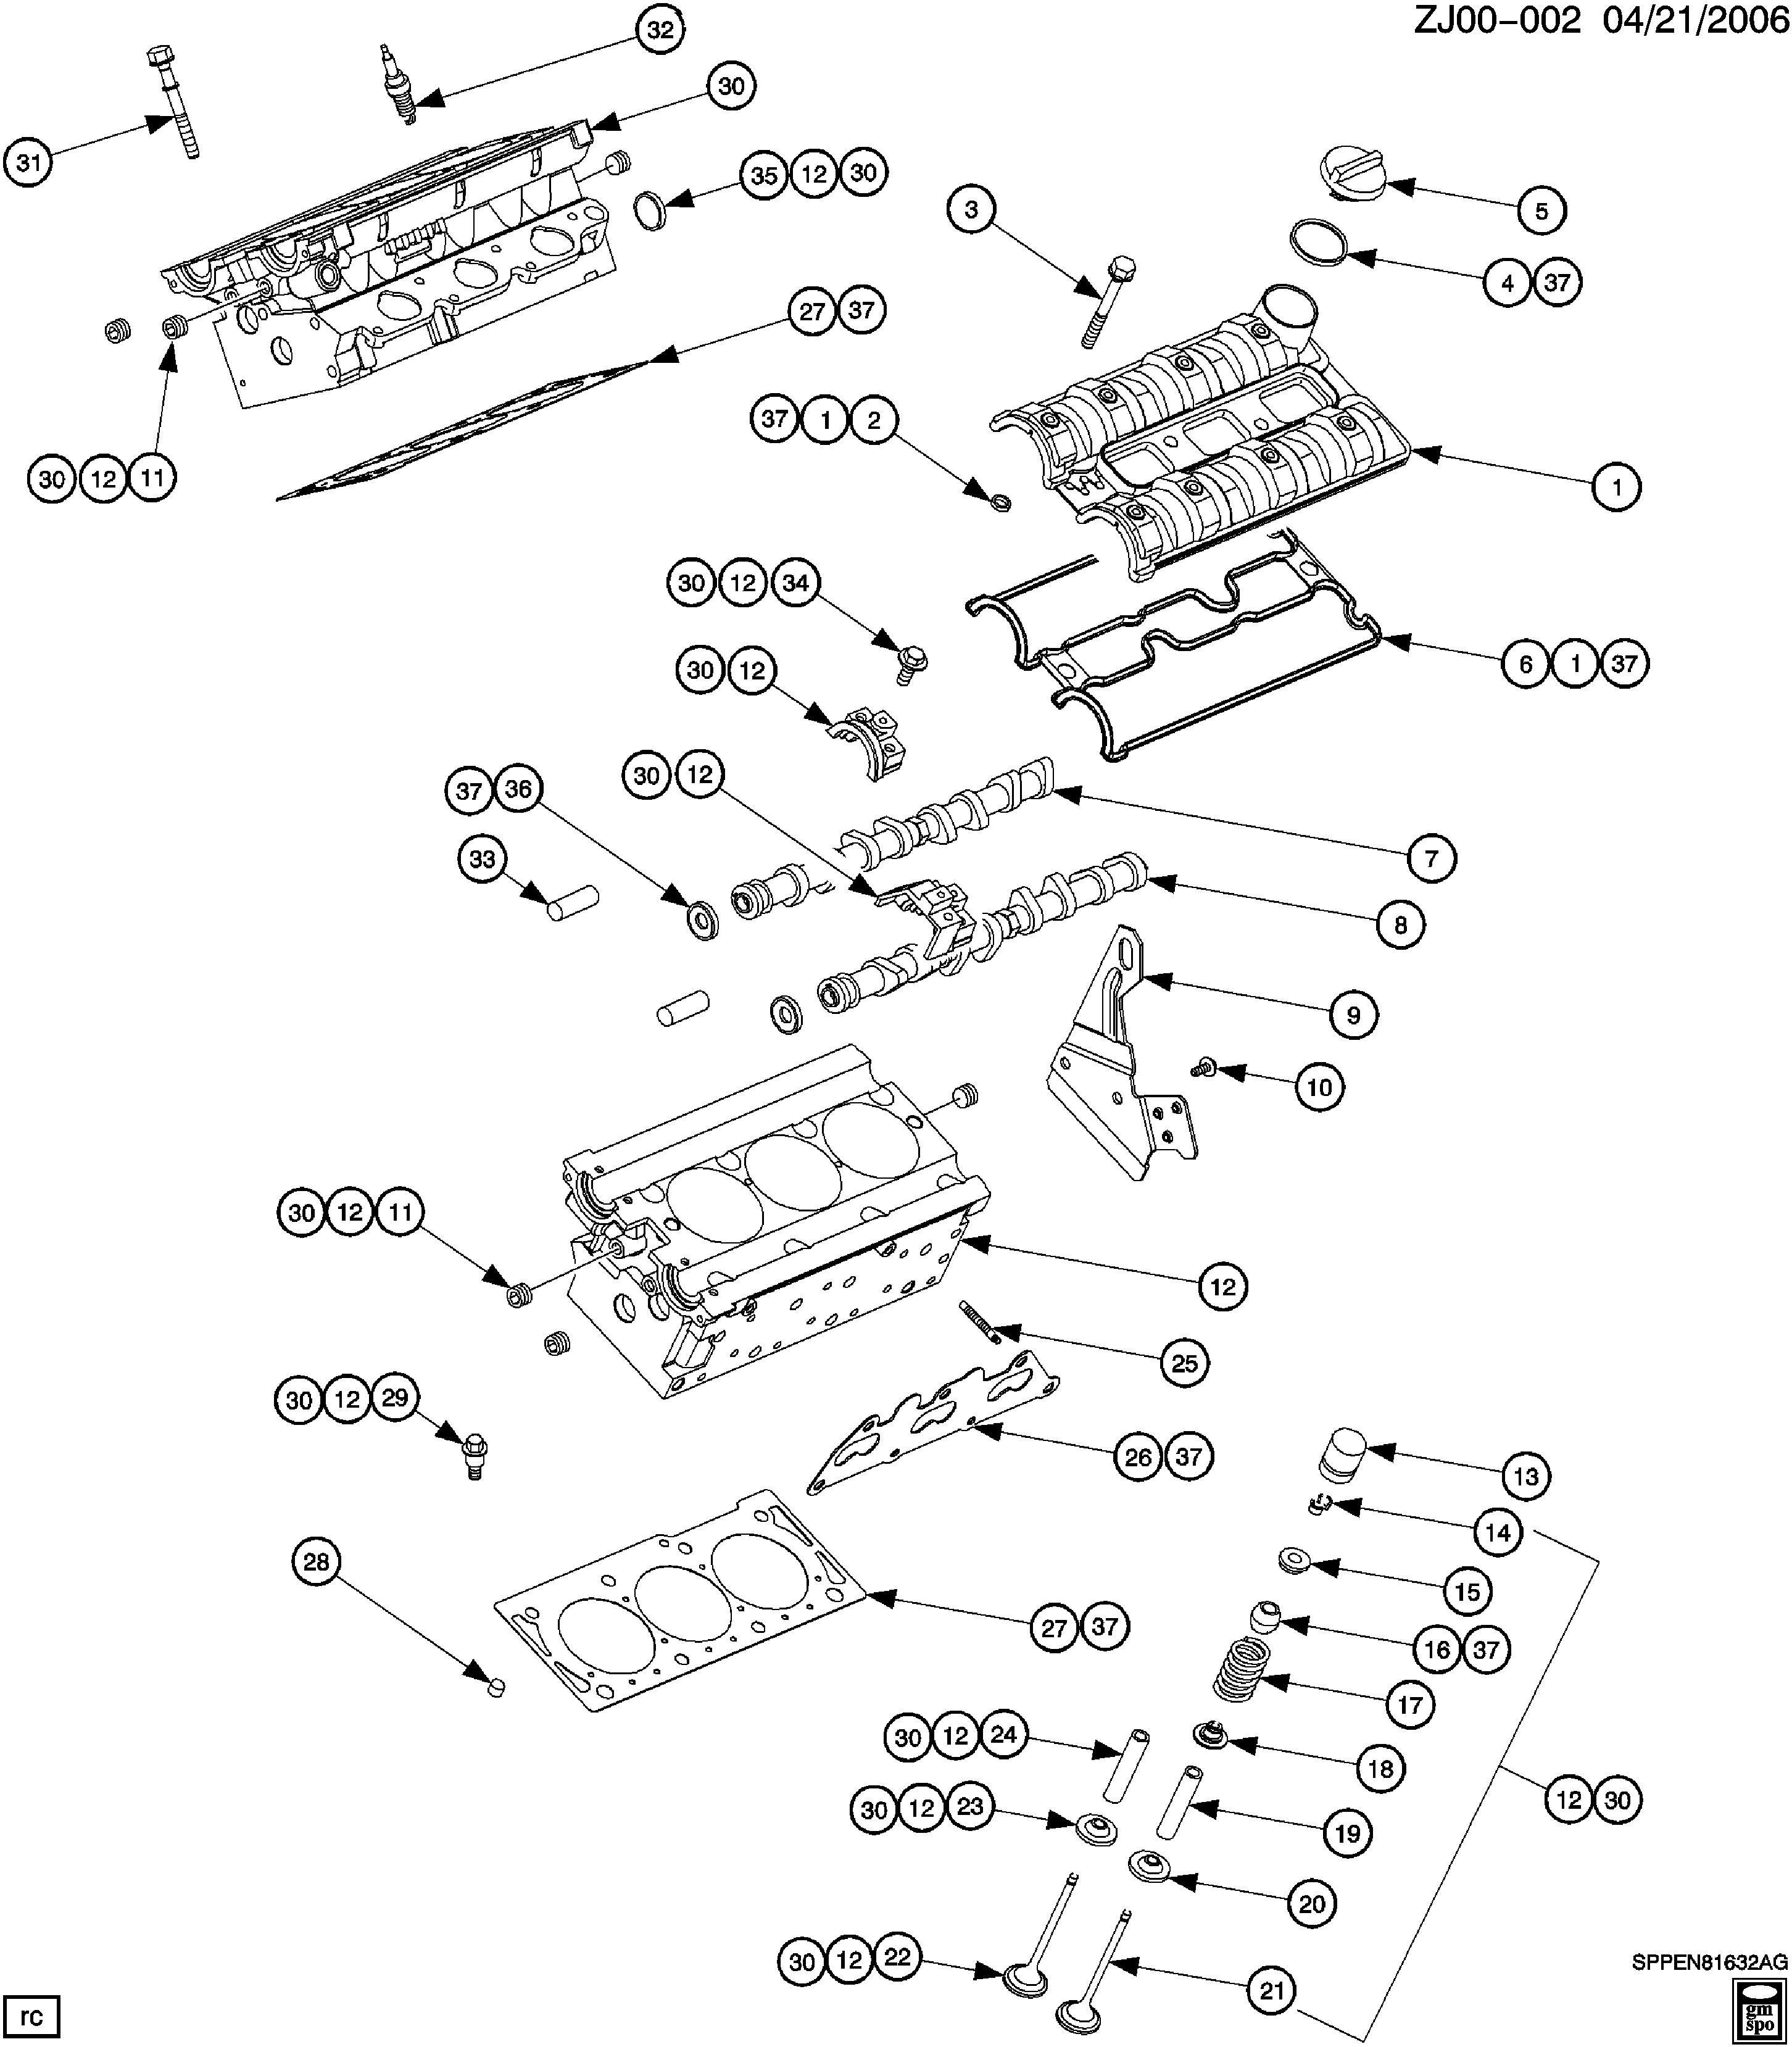 [SCHEMATICS_48DE]  Saturn L-Series - J ENGINE ASM-3.0L V6 CYLINDER HEAD AND RELATED PARTS(L81/3.0R)  > EPC Online > Nemiga.com | L81 Engine Diagram |  | nemigaparts.com